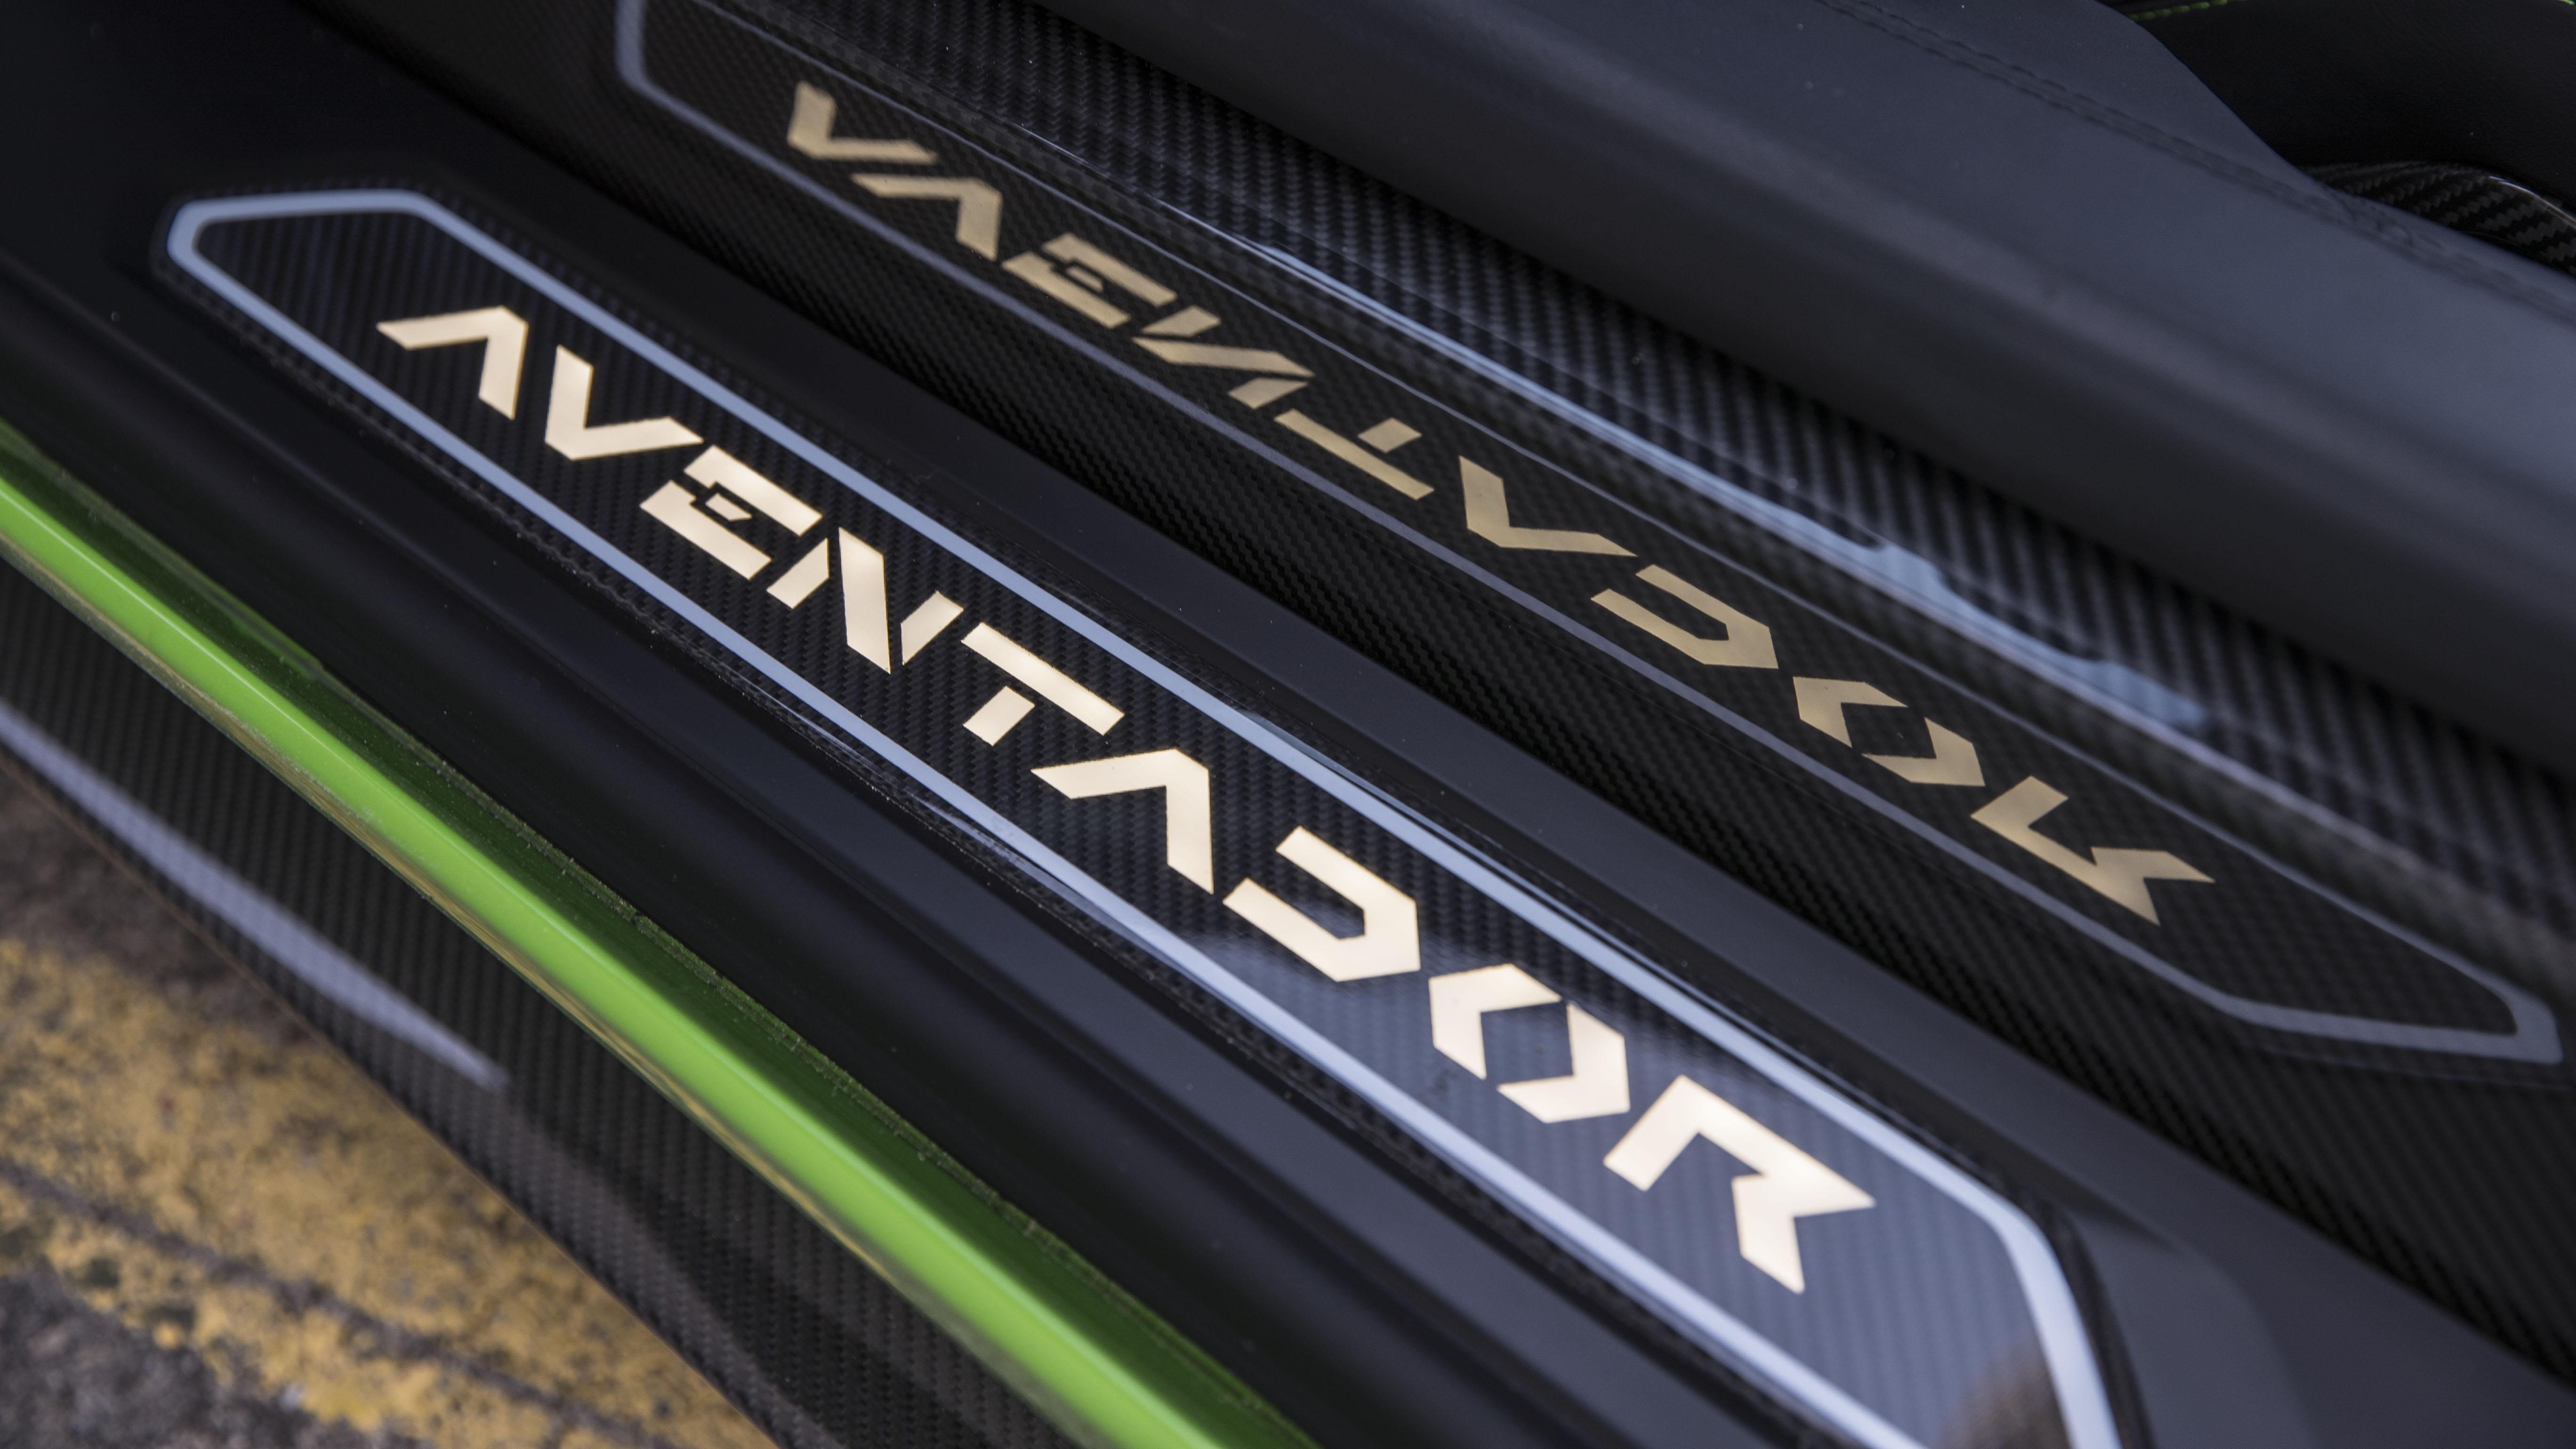 Lamborghini Aventador S door sils